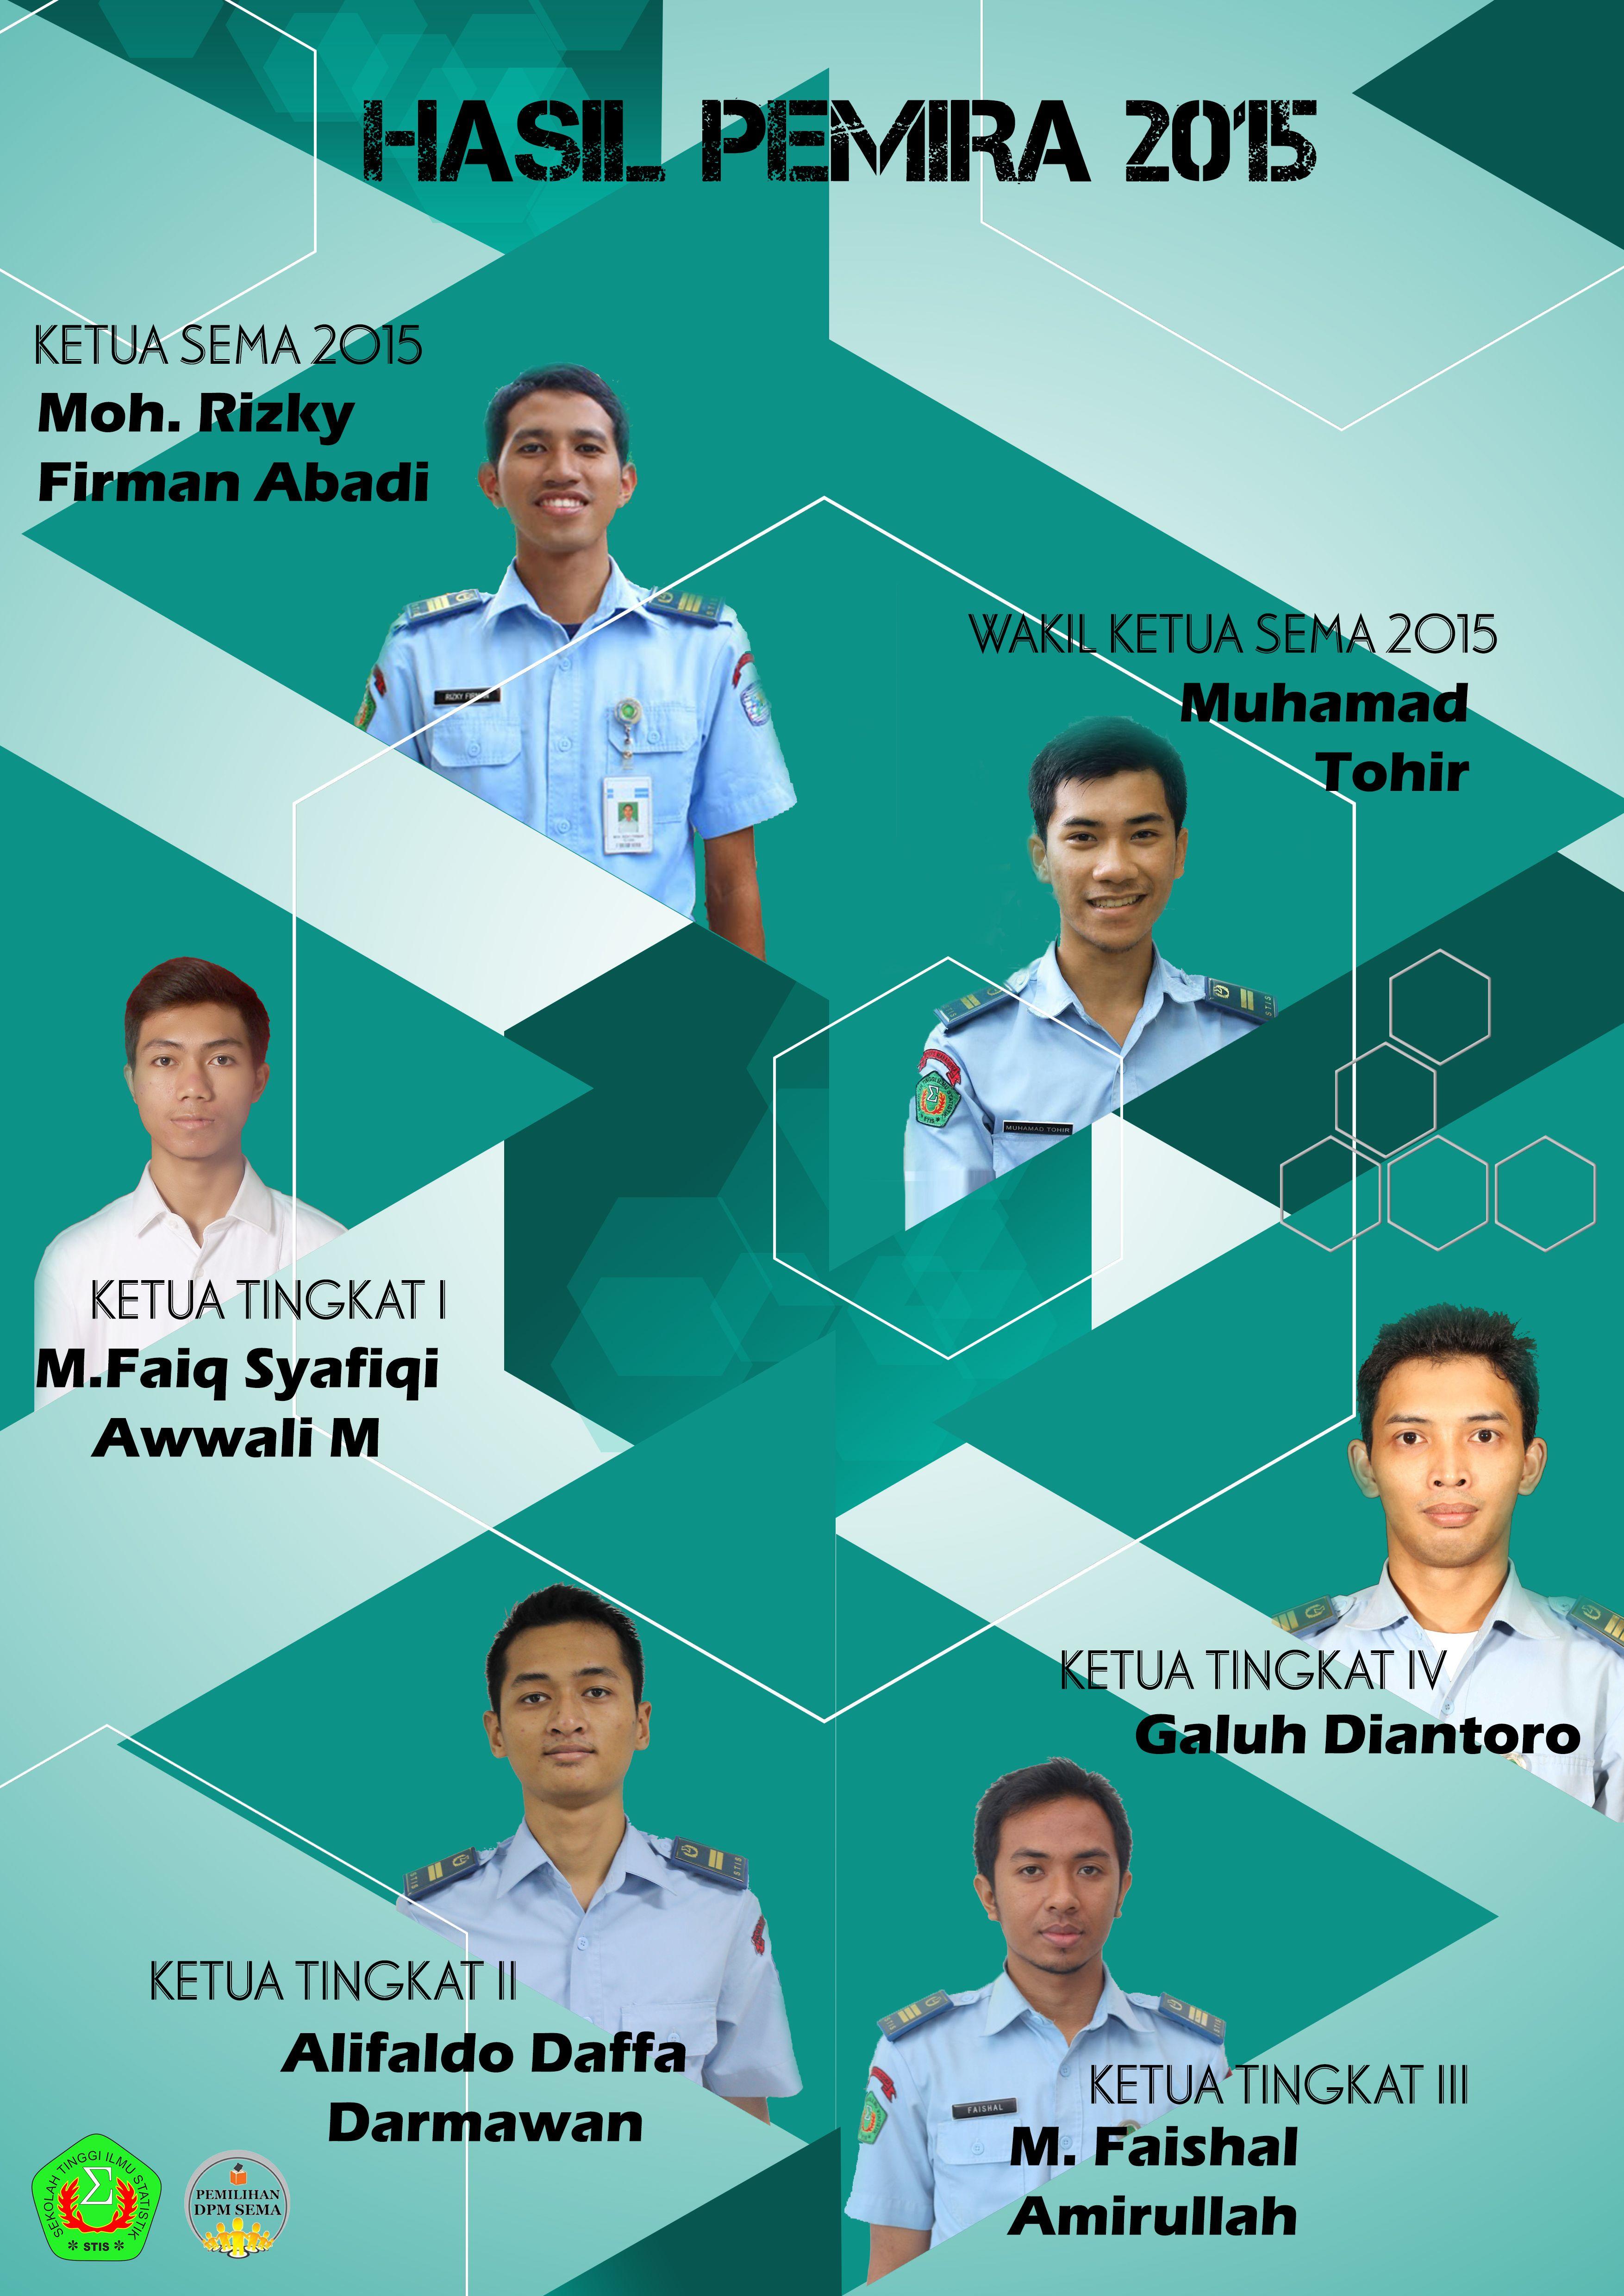 Poster Hasil Pemilihan Ketua Wakil Ketua Sema Ketua Tingkat Poster Penuaan